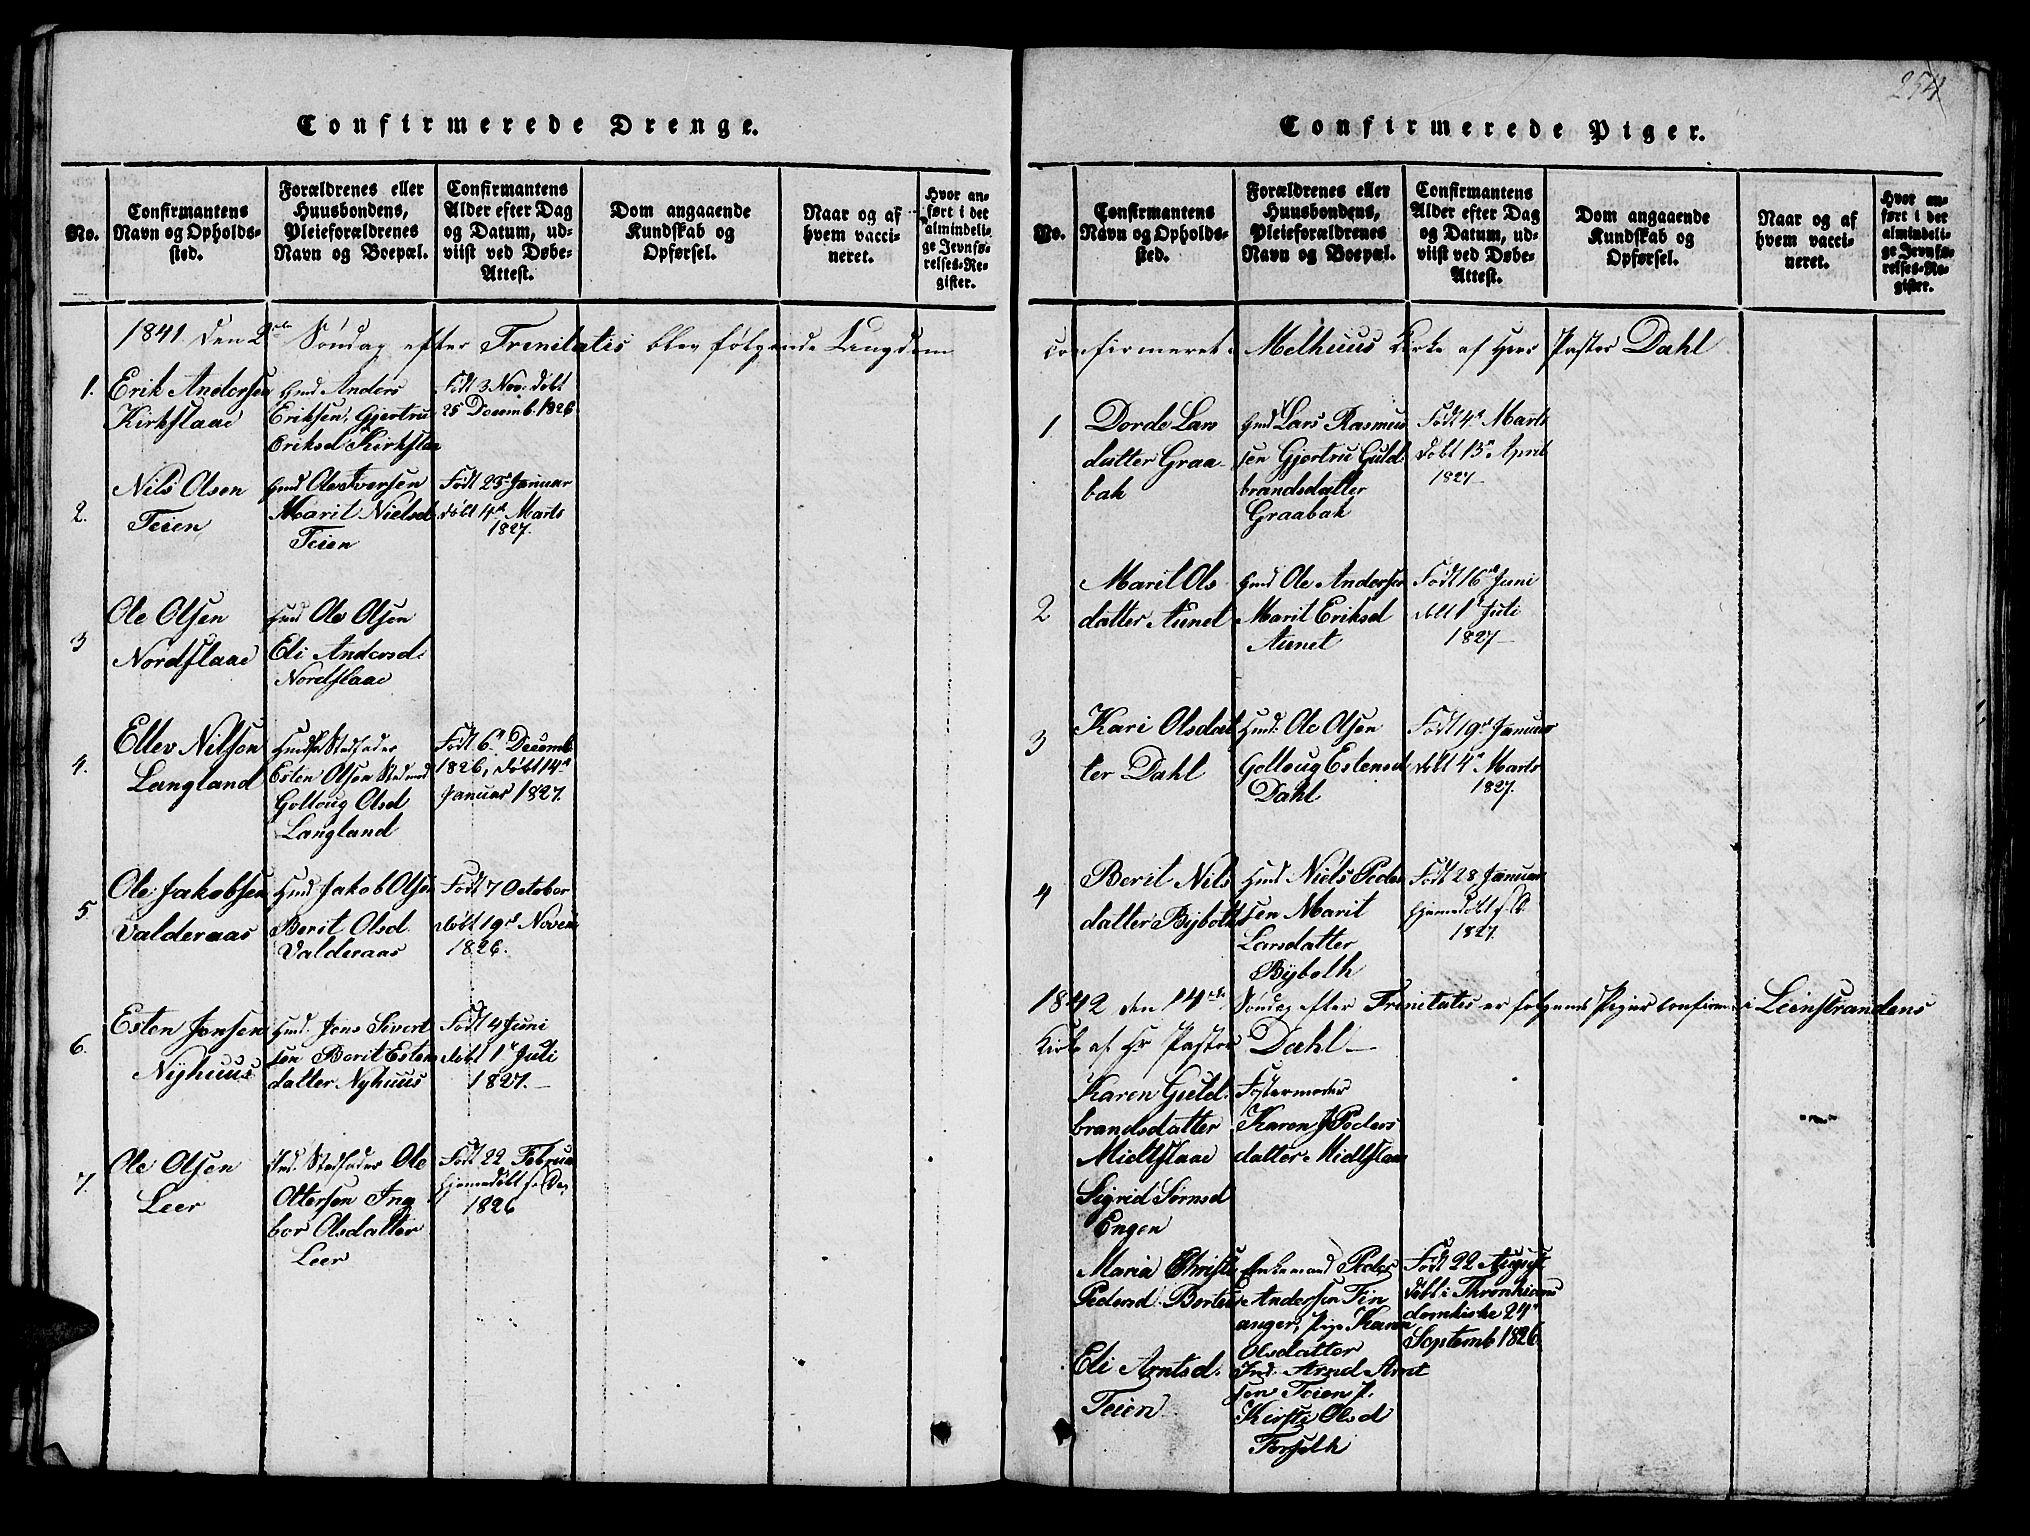 SAT, Ministerialprotokoller, klokkerbøker og fødselsregistre - Sør-Trøndelag, 693/L1121: Klokkerbok nr. 693C02, 1816-1869, s. 254